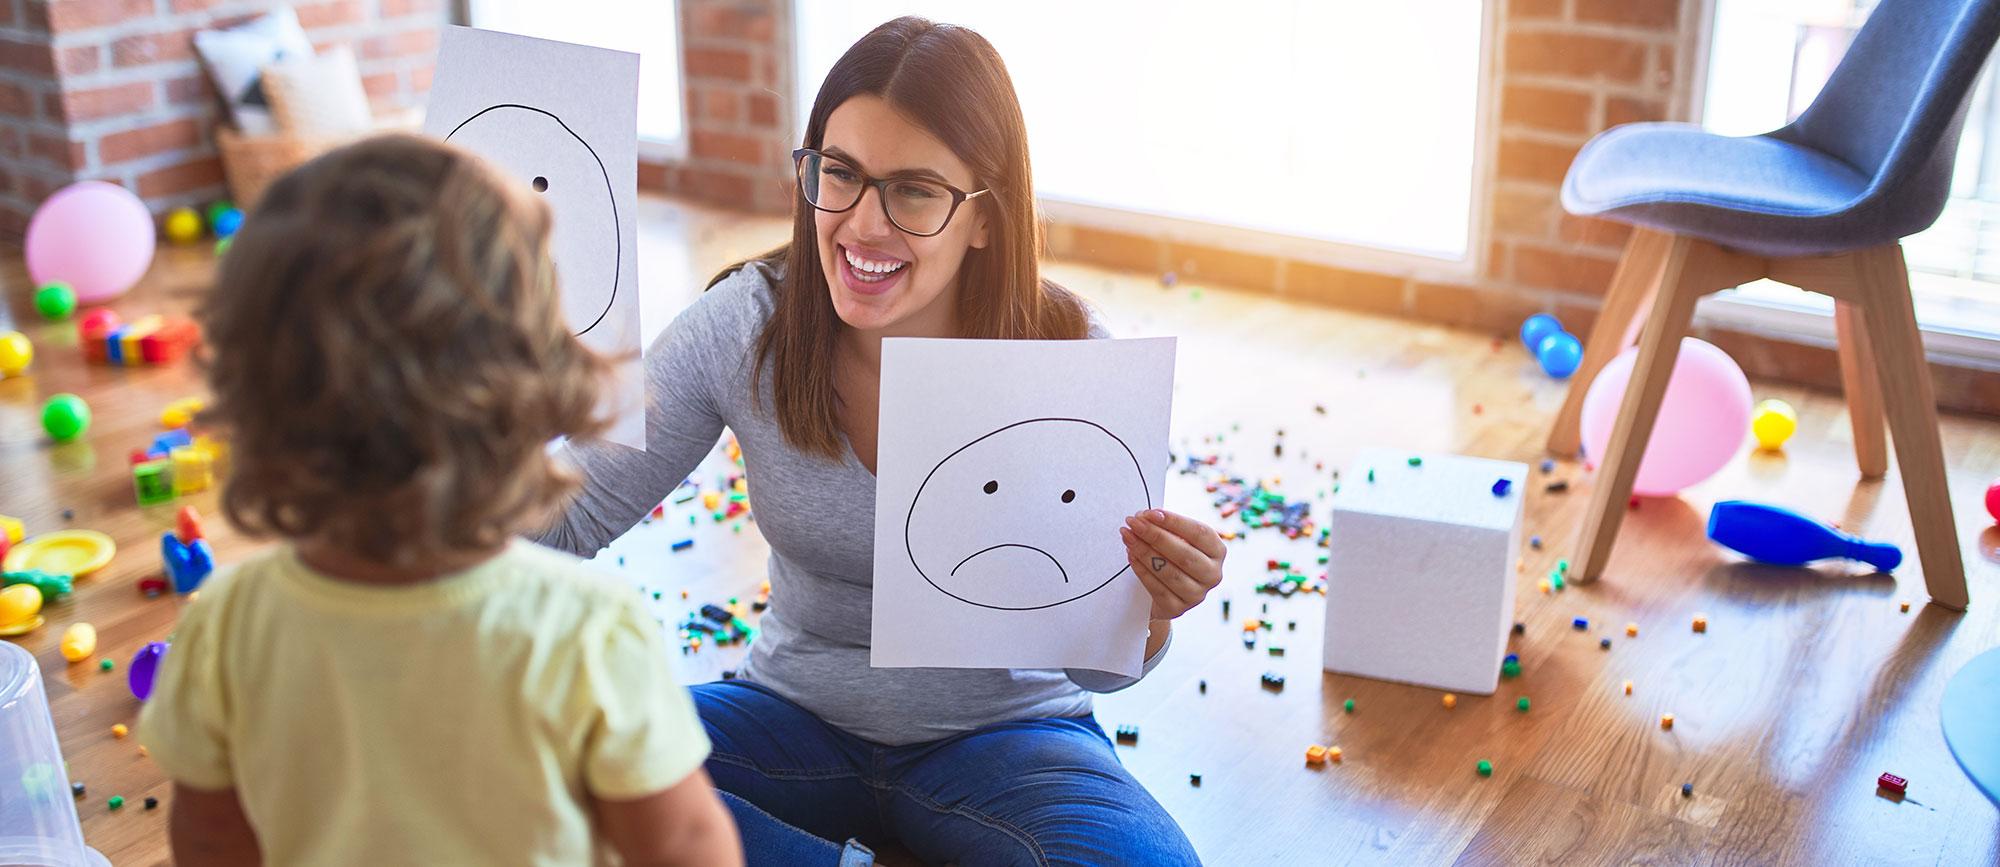 Kaip paruošti vaiką ar paauglį <strong>konsultacijai?</strong>